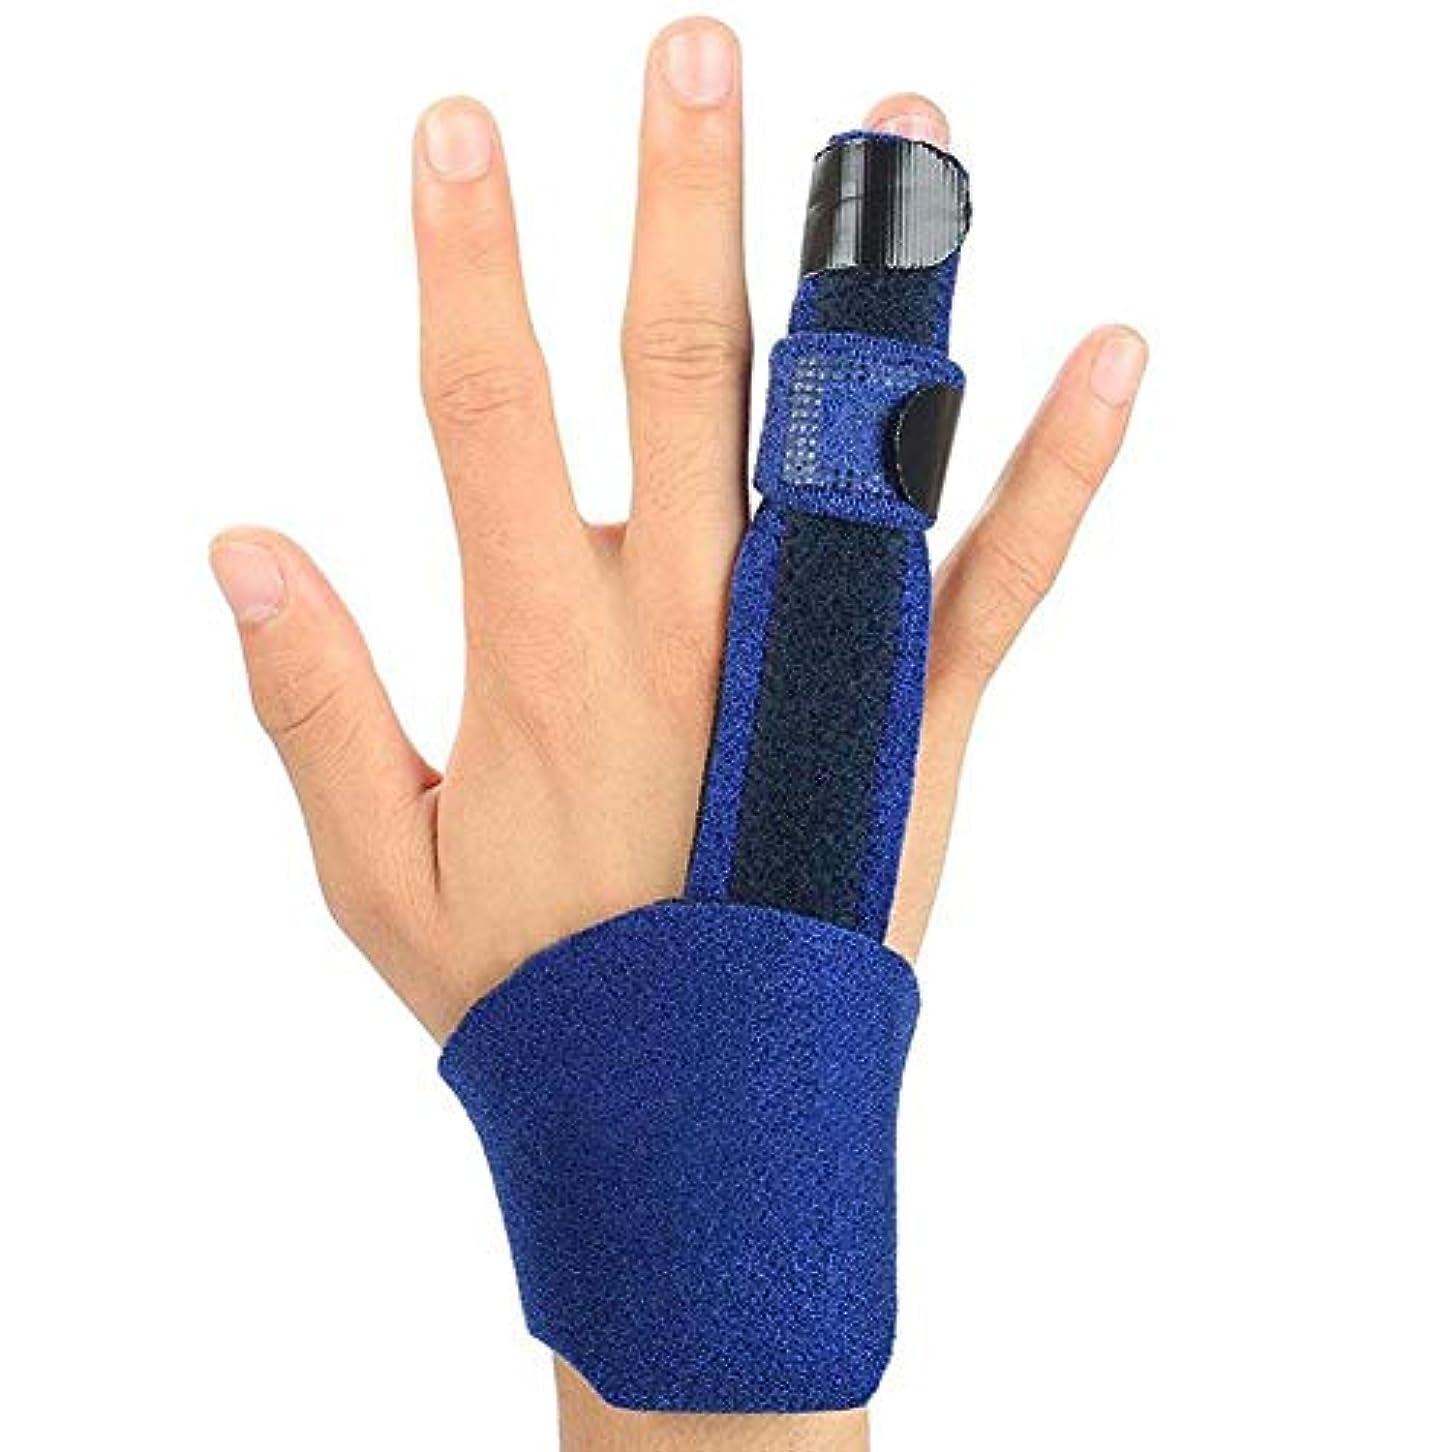 アーティスト戦いヒューマニスティックトリガー指スプリント、内蔵のアルミニウムを備えた調節可能な固定ベルト、腱炎、骨折または骨折した指の痛みを軽減します。